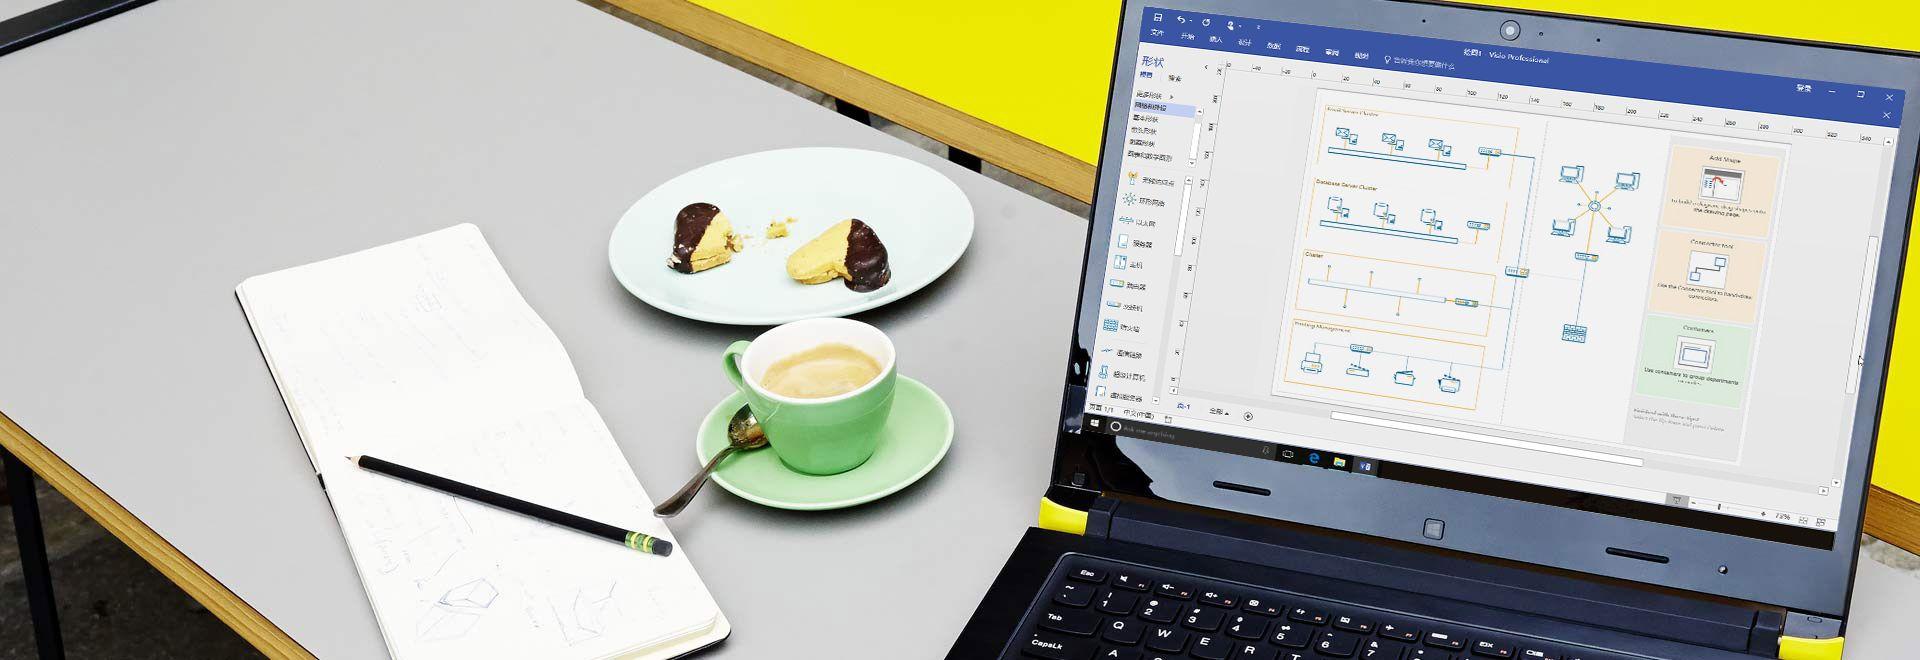 桌上的笔记本电脑的特写镜头,显示 Visio 图表的编辑功能区和窗格